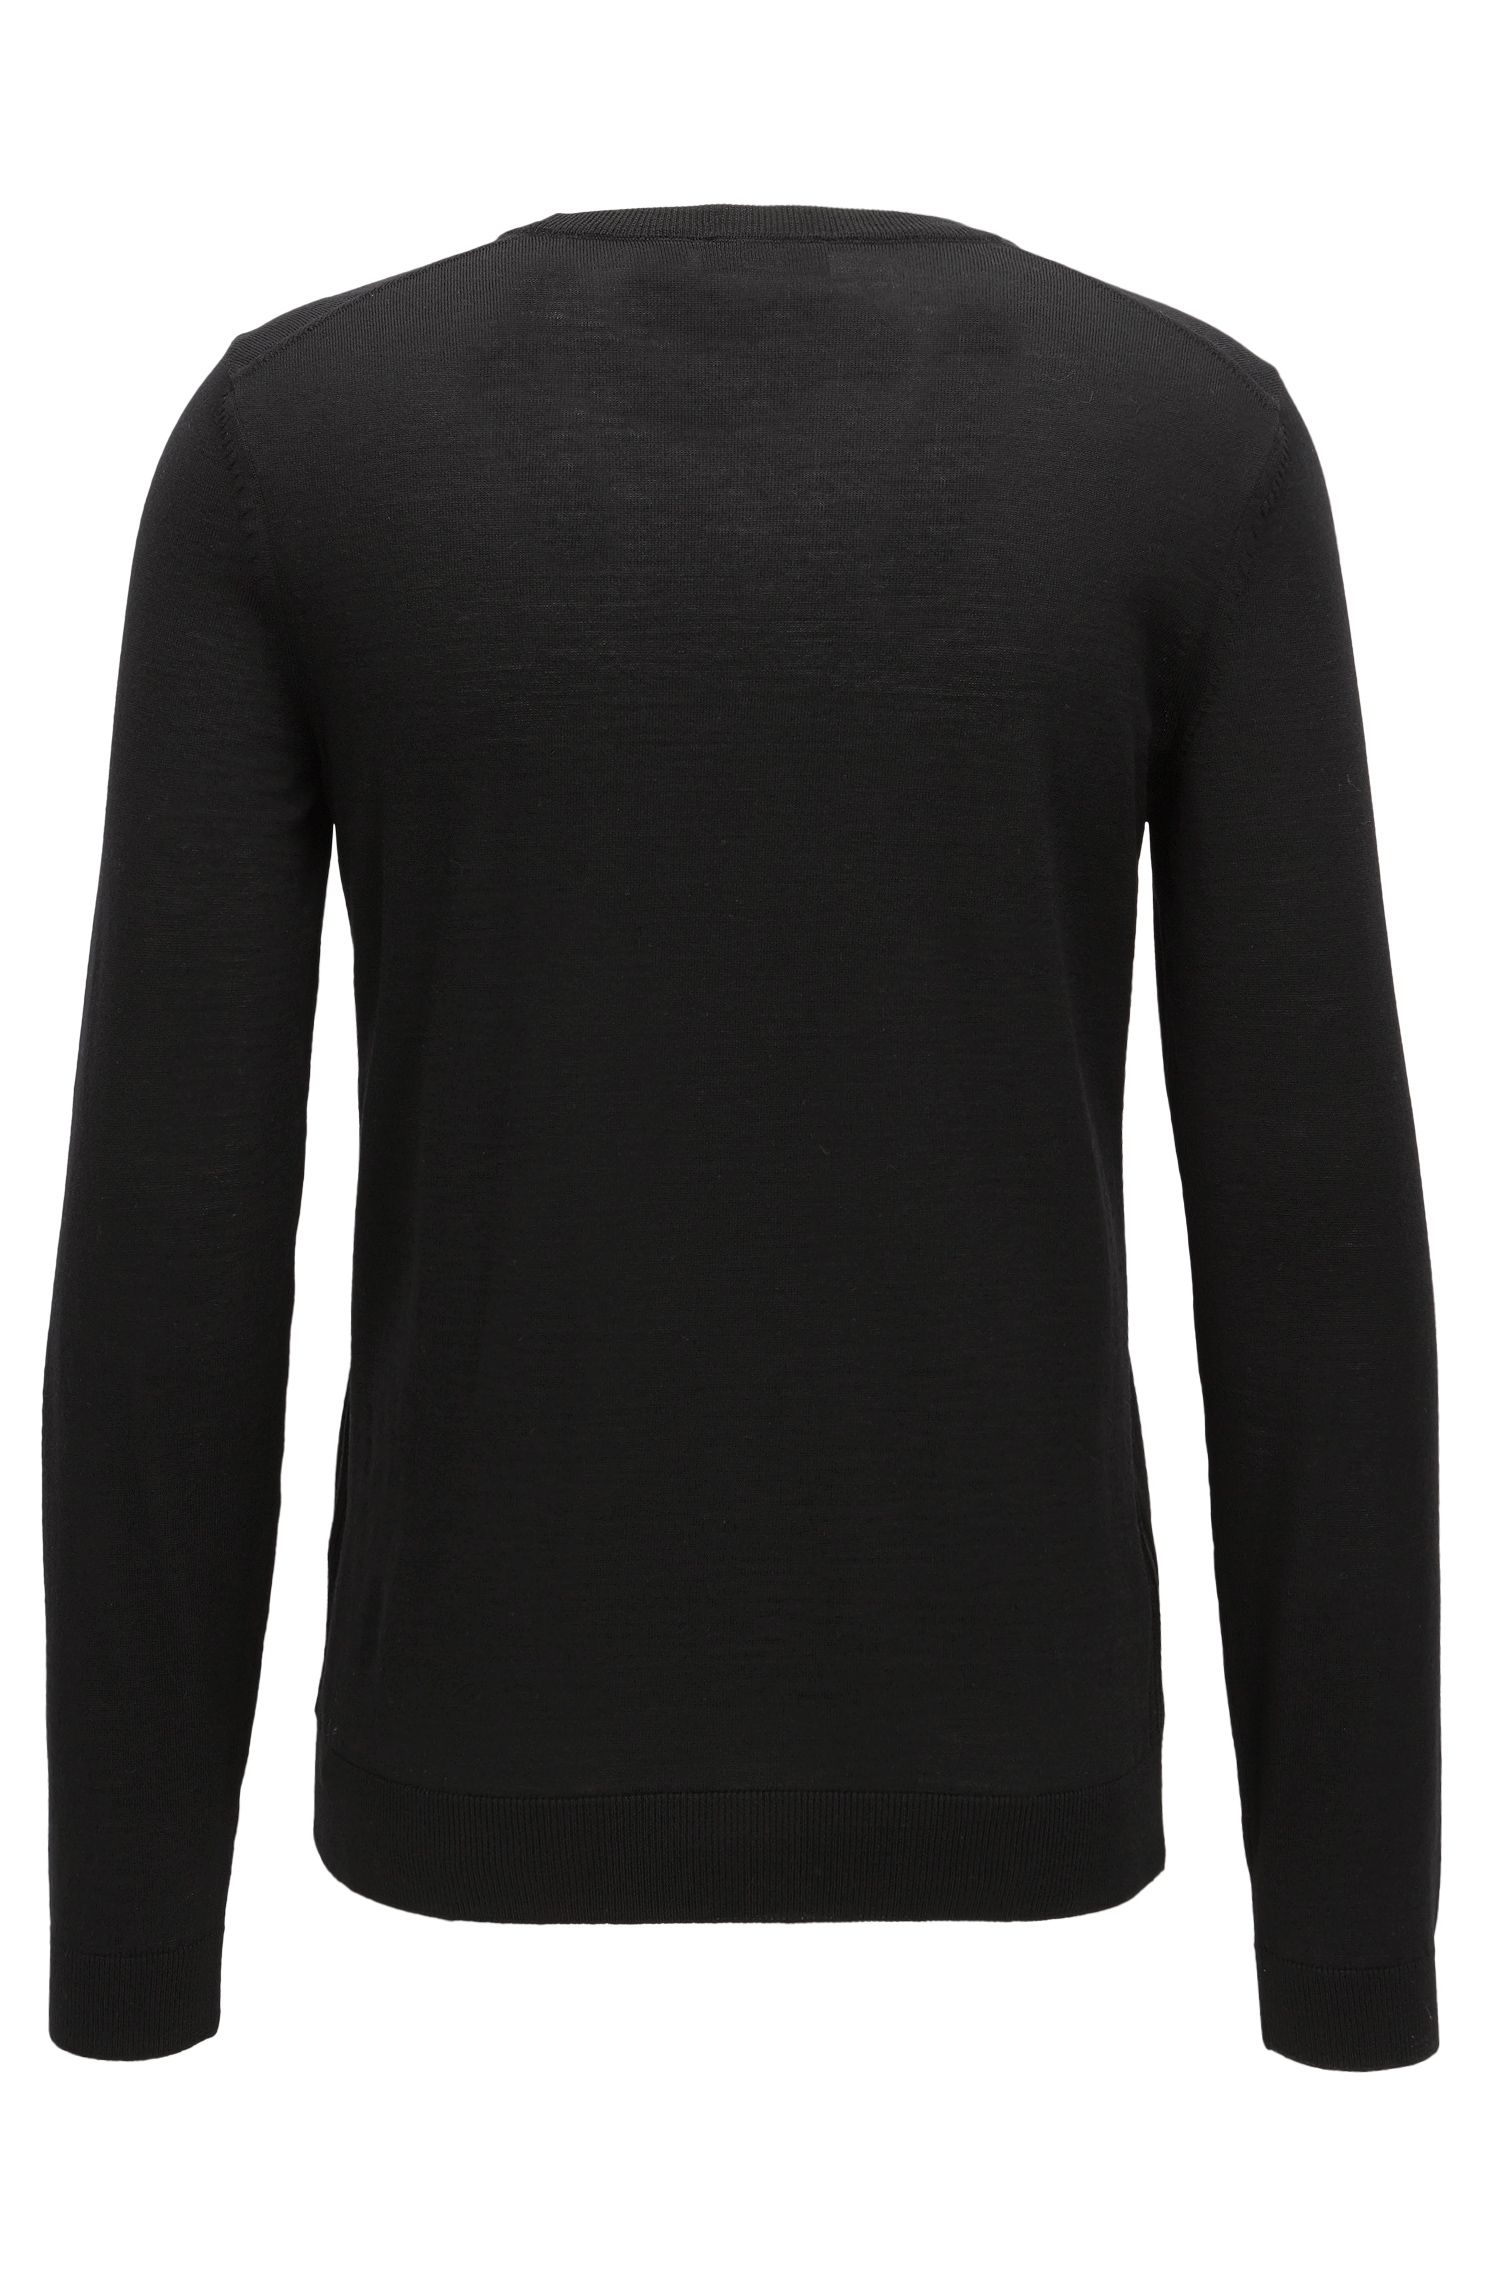 Pullover aus Schurwolle mit V-Ausschnitt